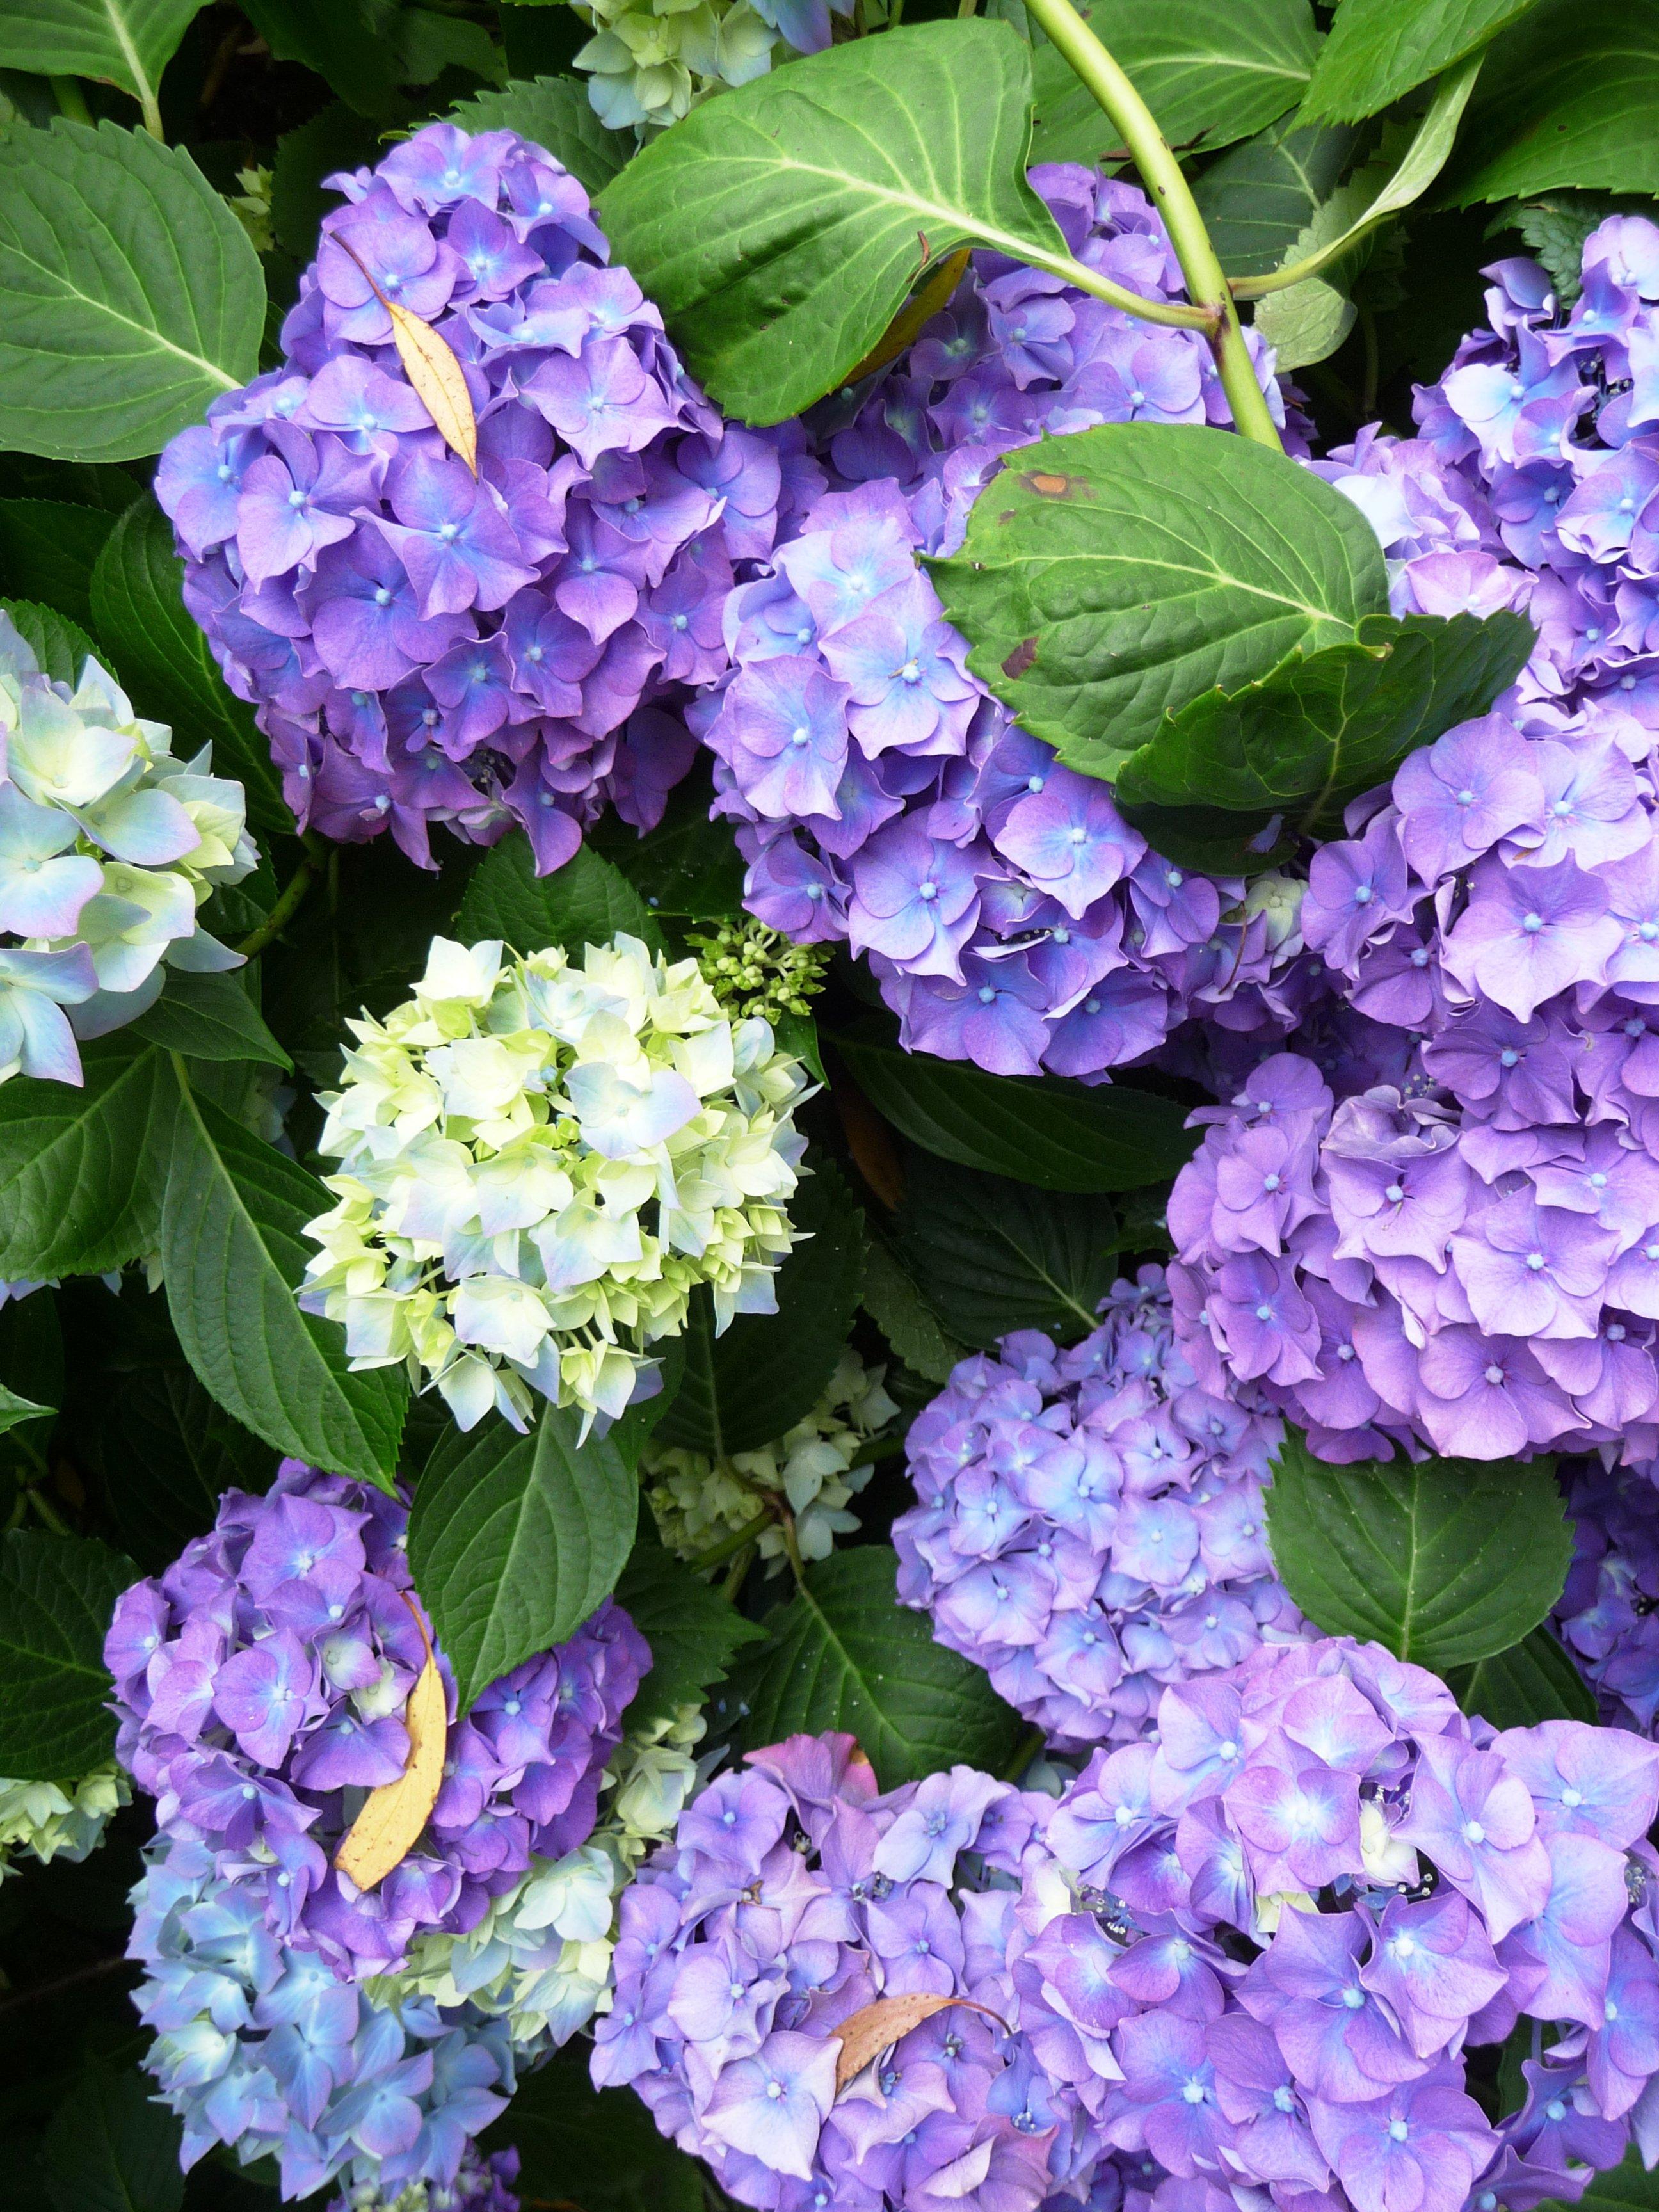 Fotos Gratis Flor Blanco Hoja Purpura Florecer Color - Color-hortensia